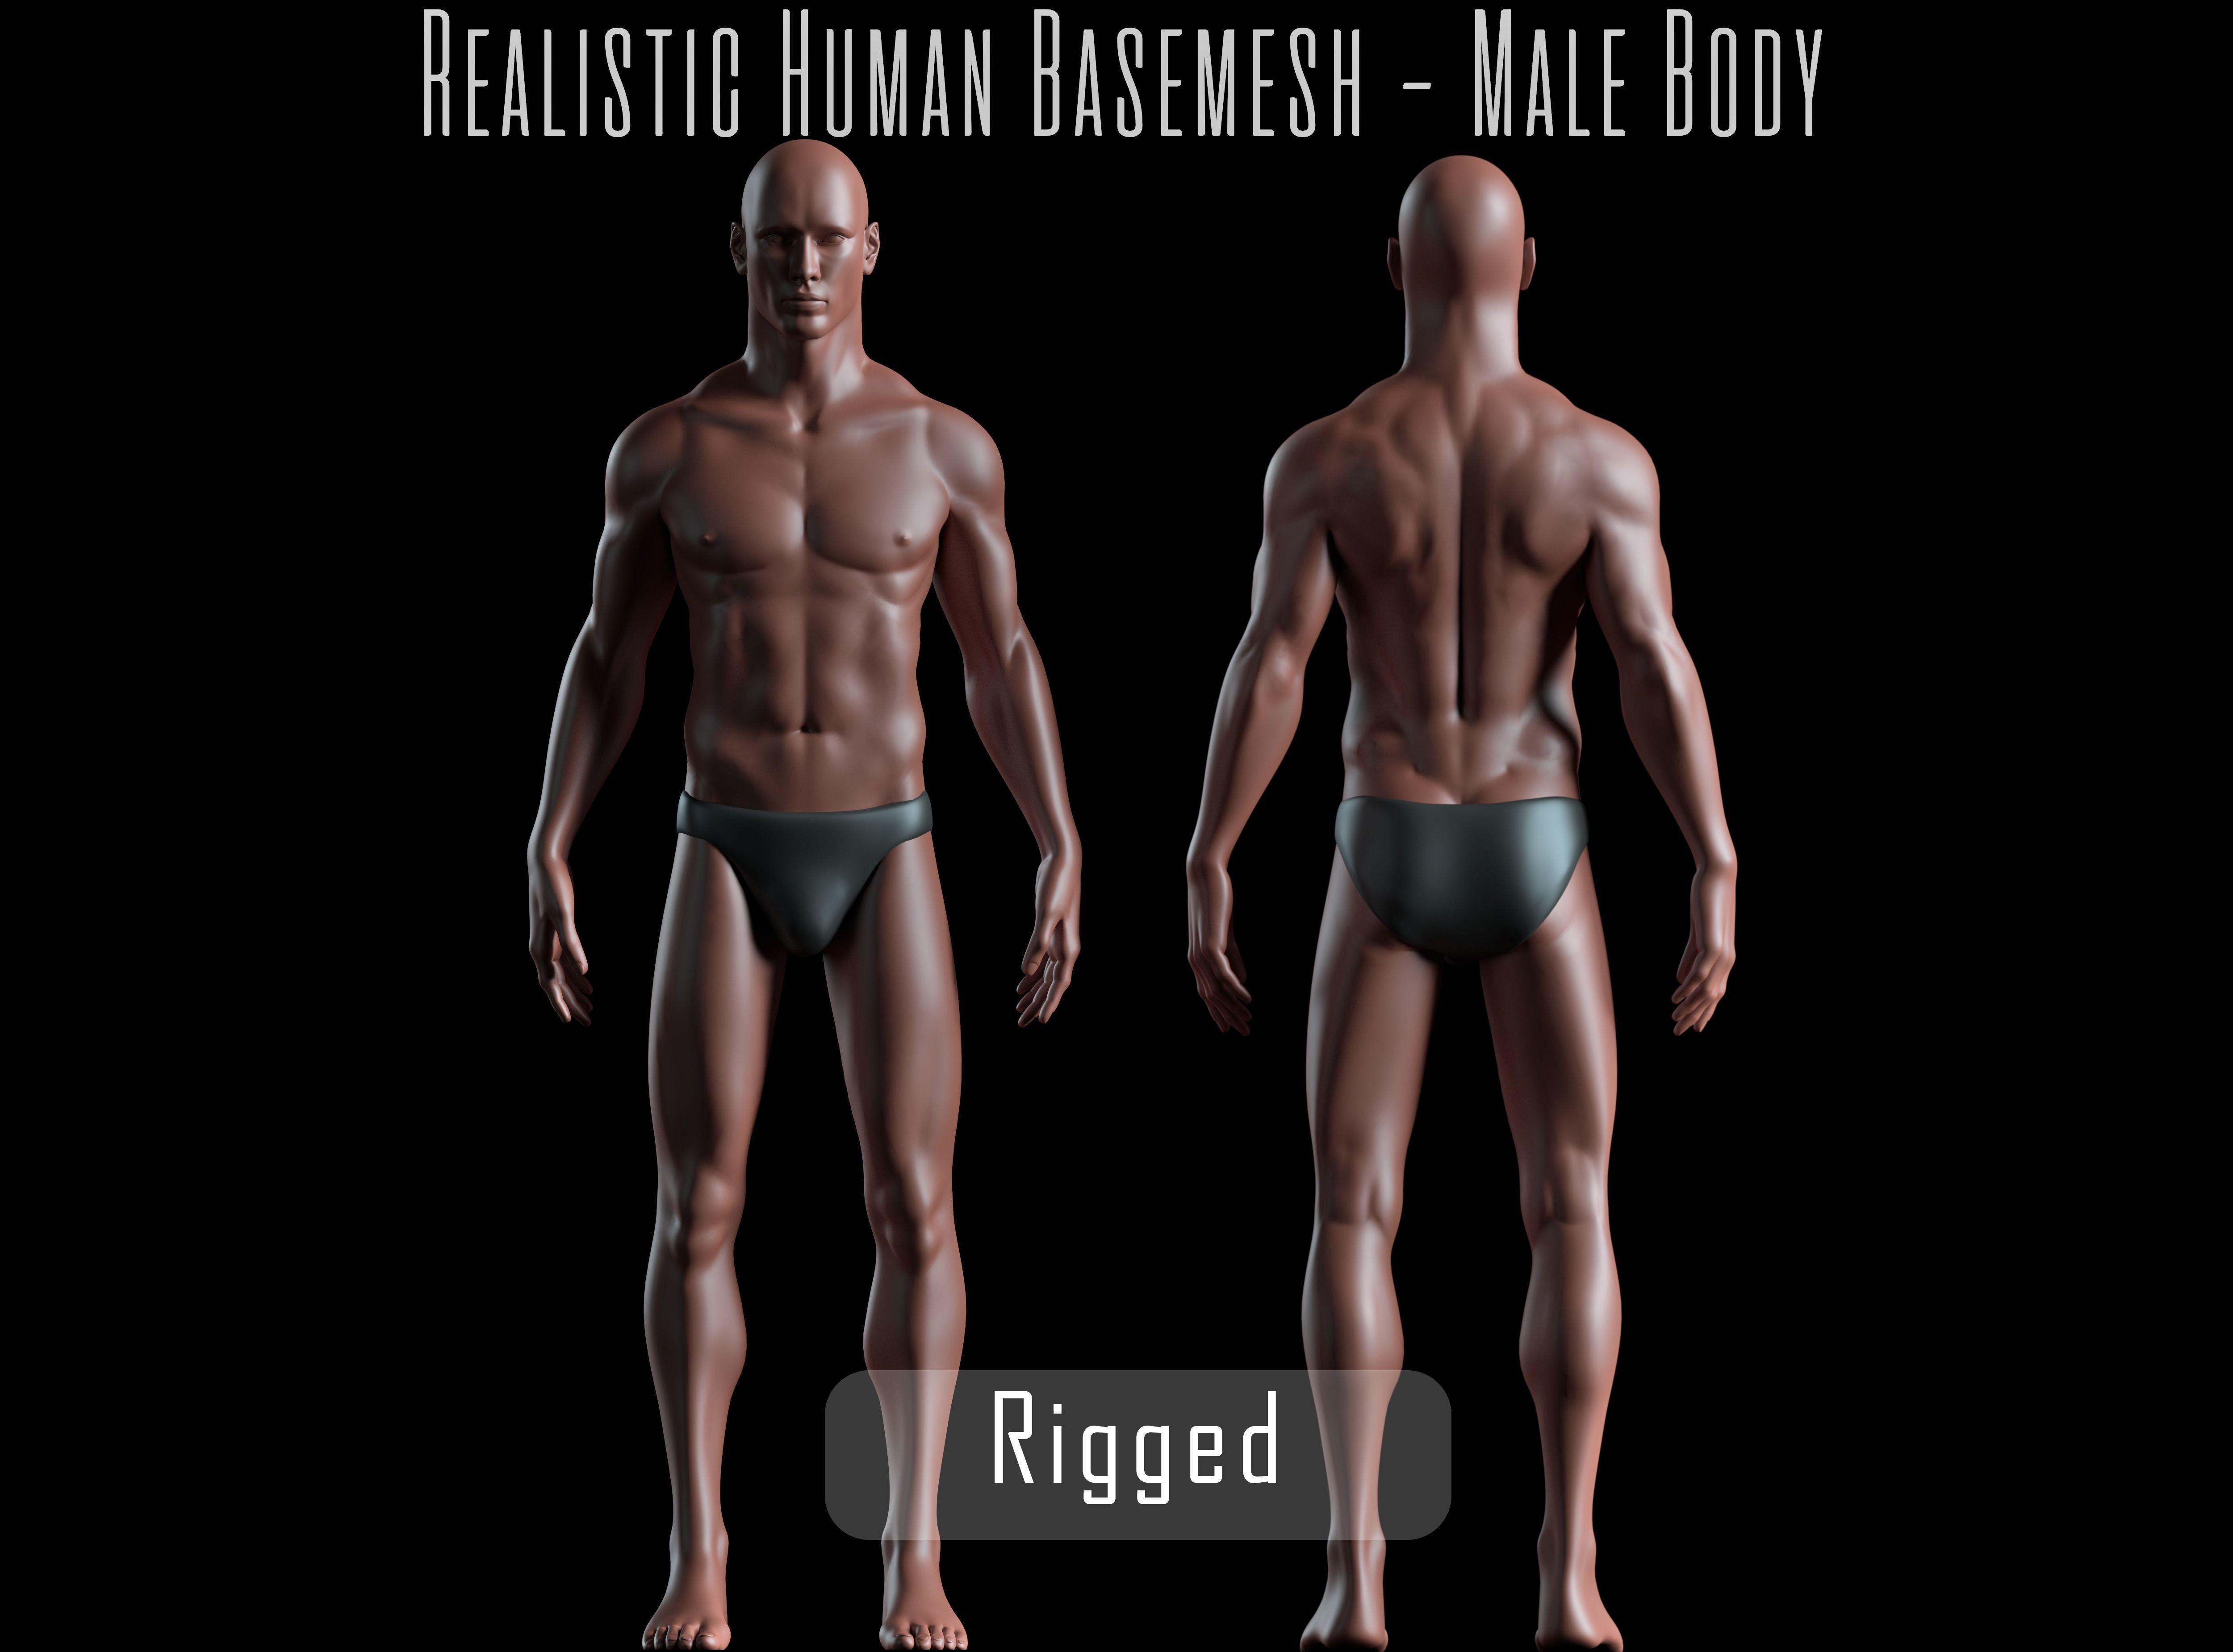 Realistic Human Basemesh - Rigged - UVMapped - Man Body